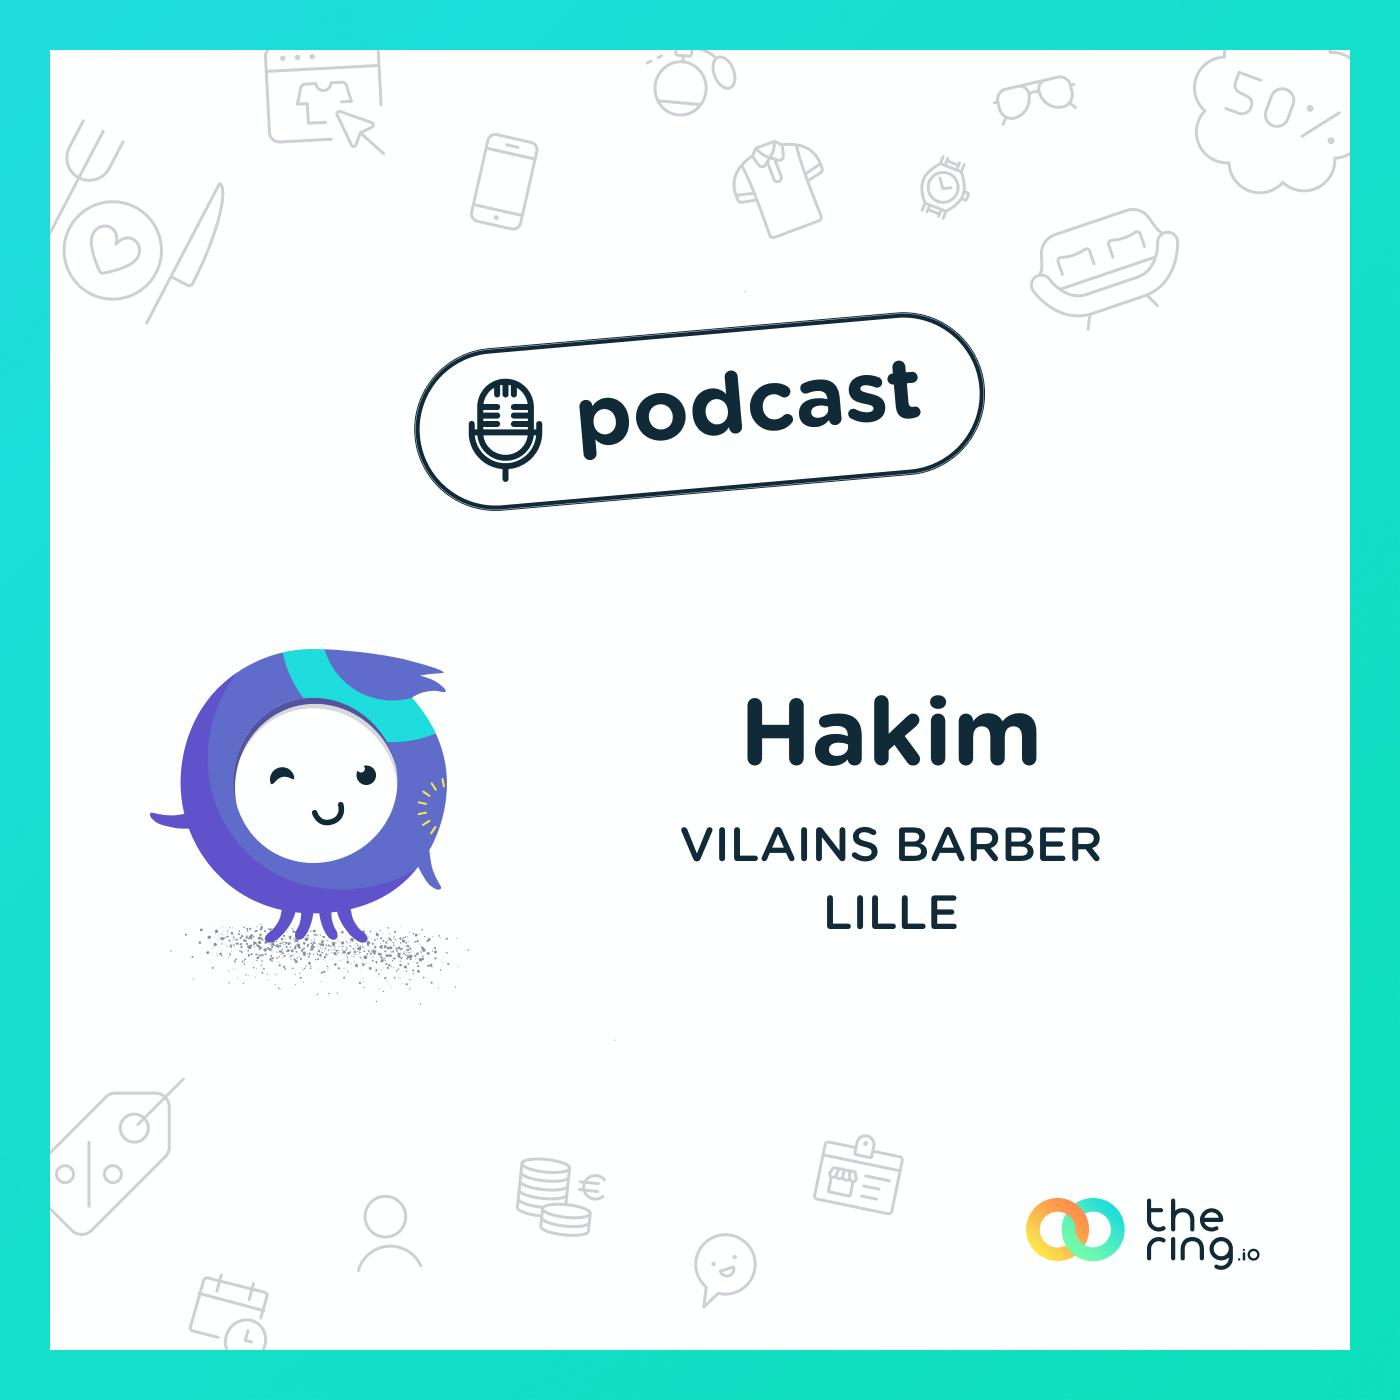 Hakim des Vilains Barber, Lille : bien plus qu'un coiffeur barbier !